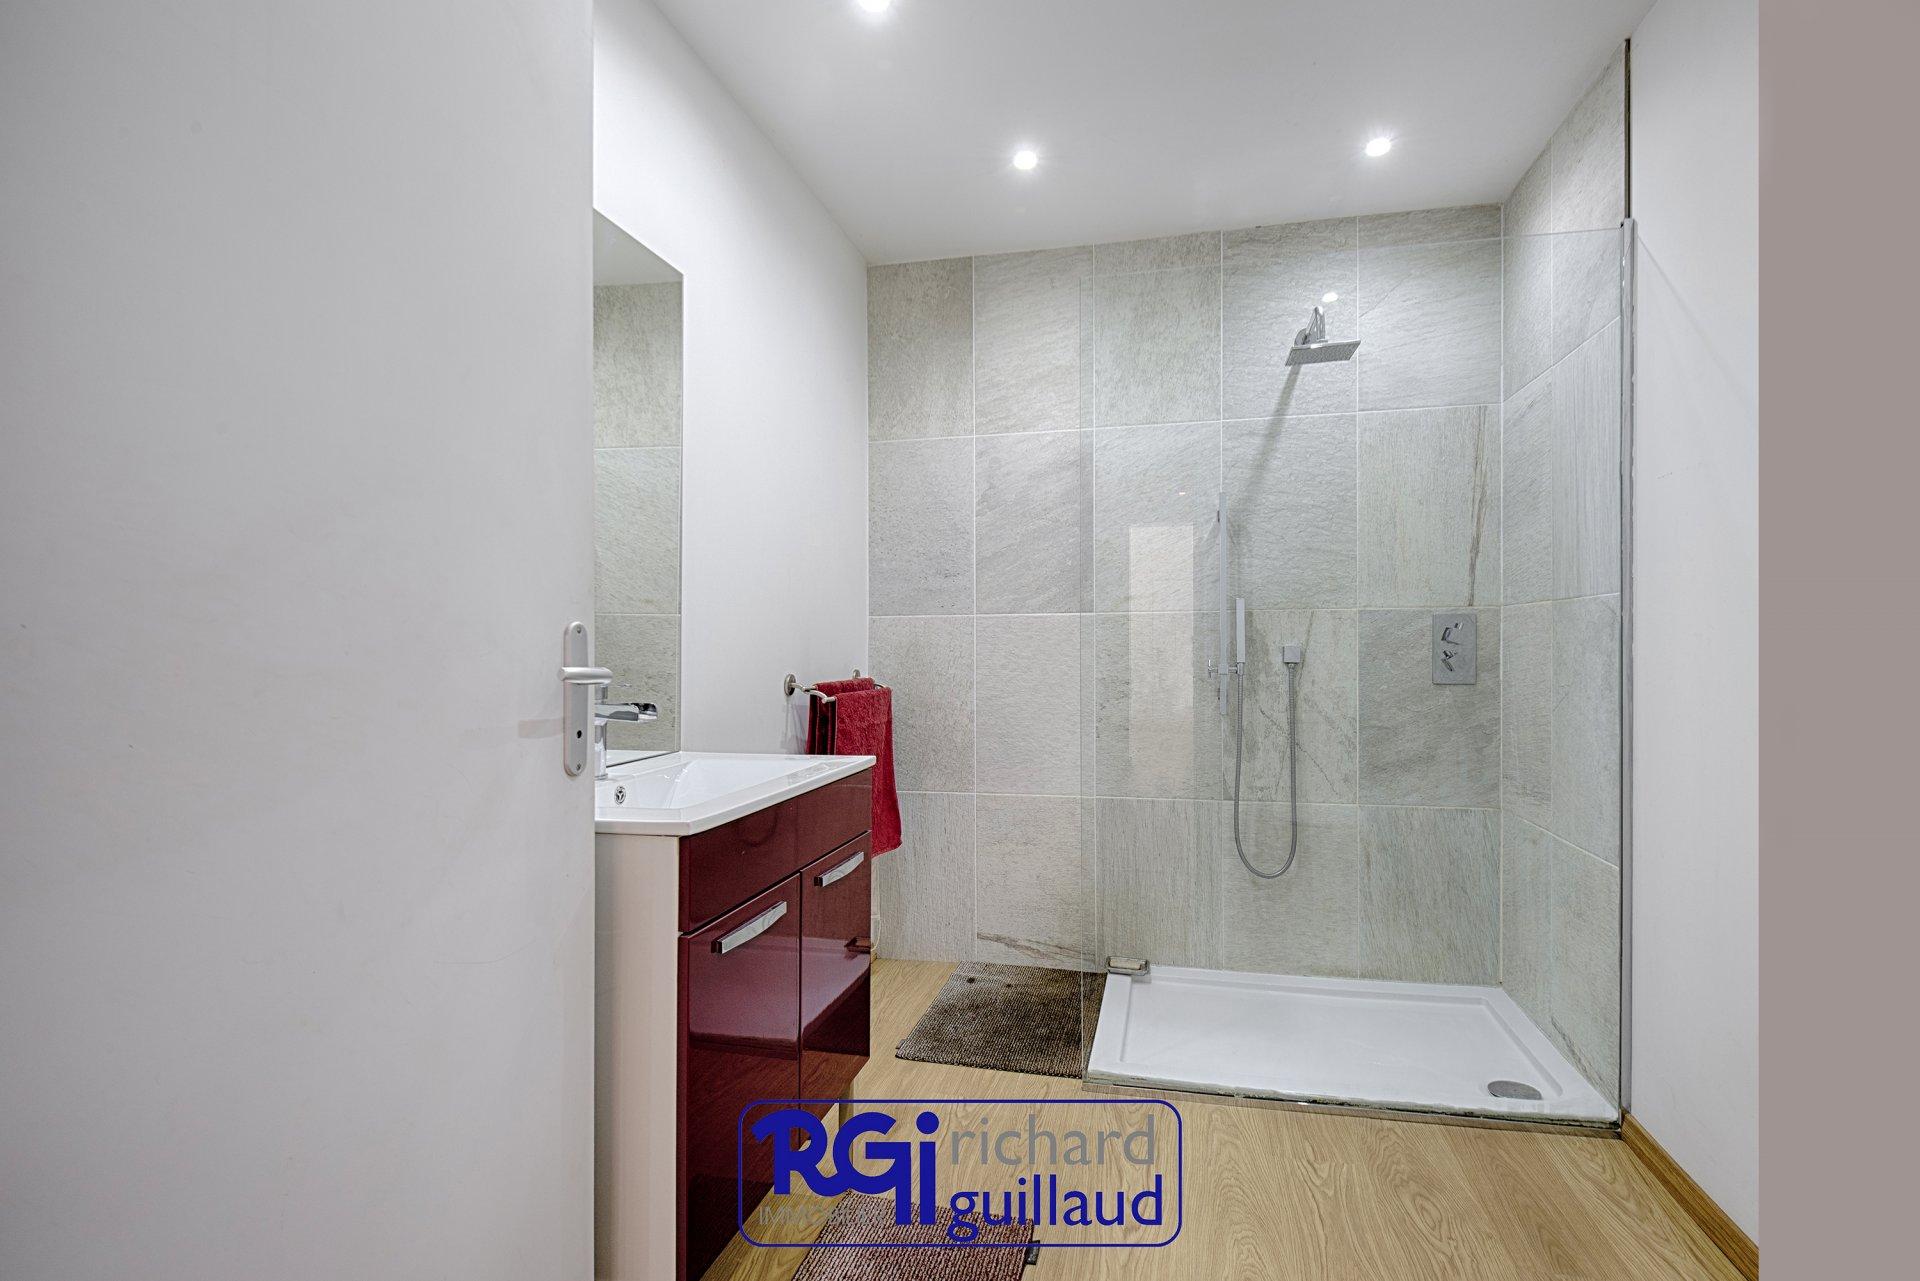 Maison 5 CHAMBRES - 270 m²